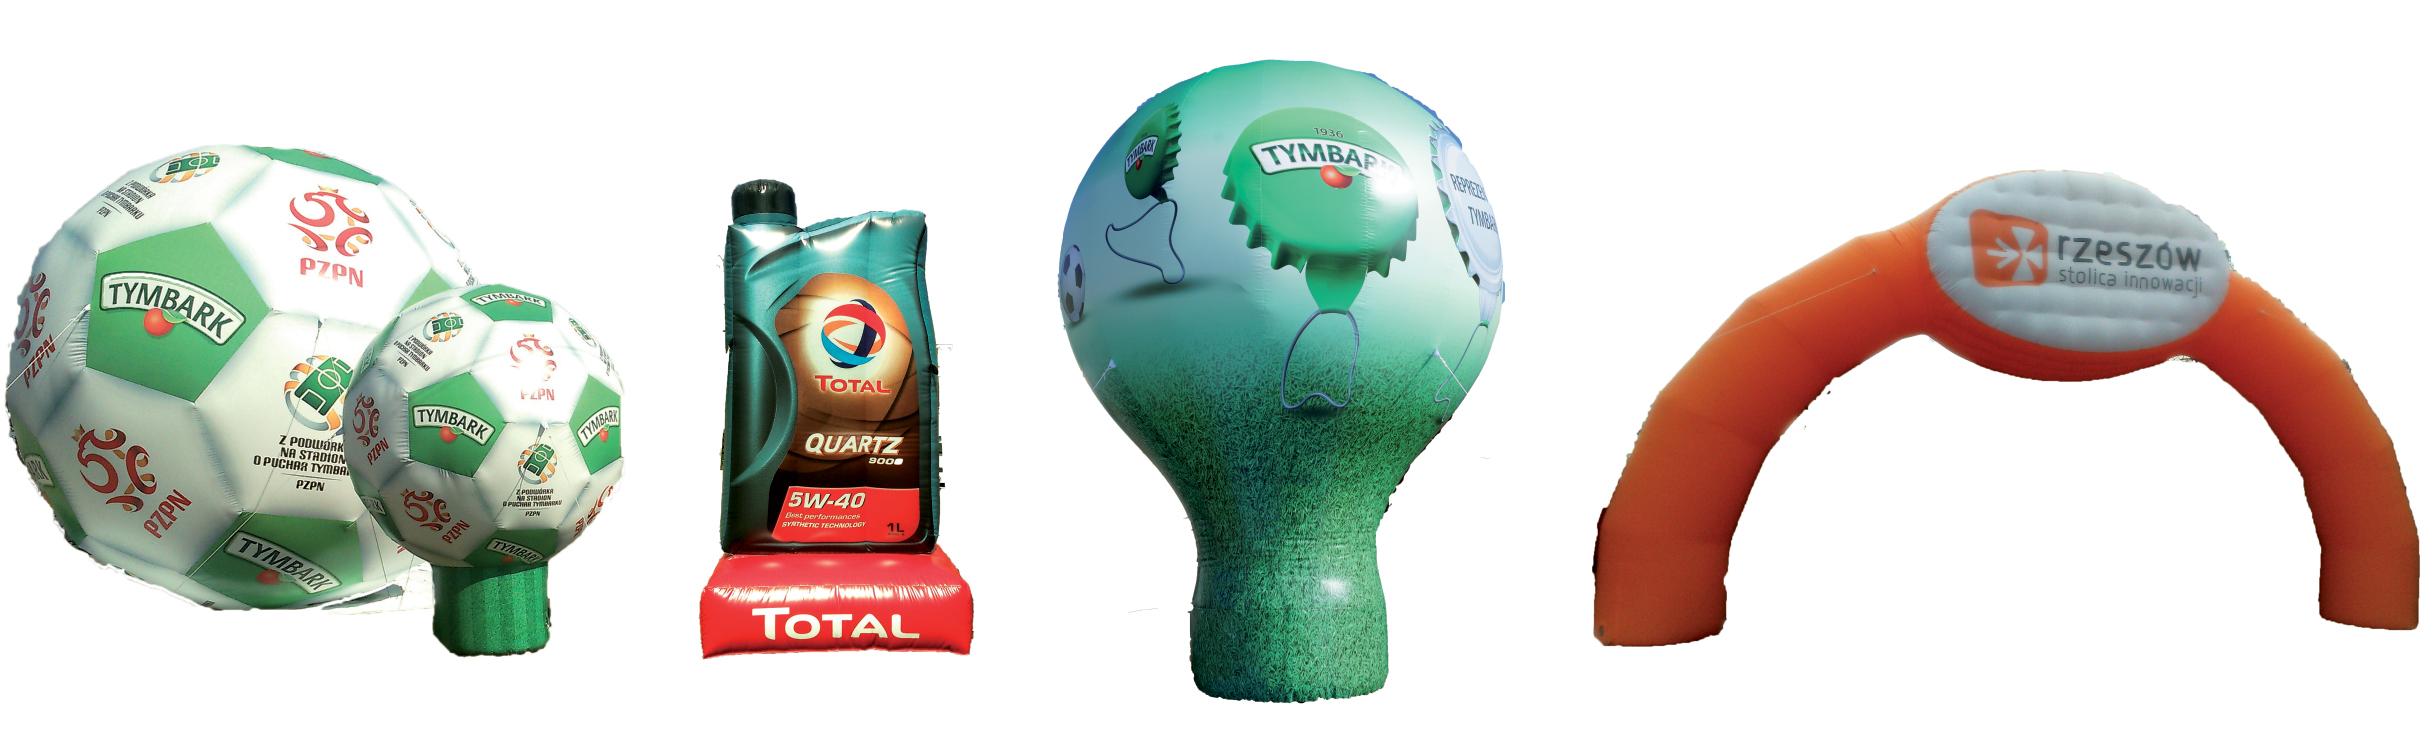 Reklama pneumatyczna - balony pneumatyczne, wynajem balonu